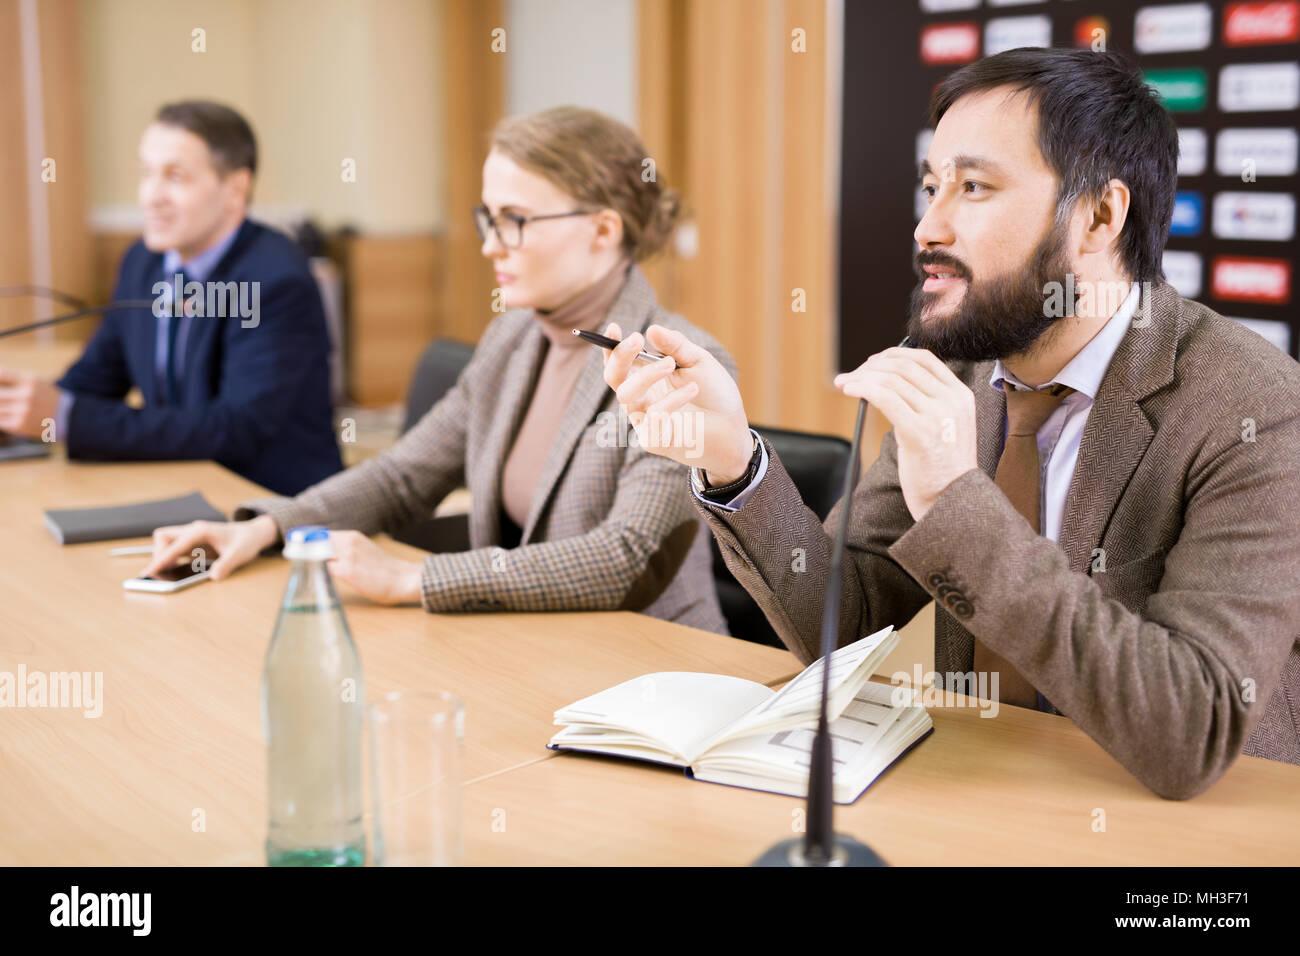 Asiatische Geschäftsmann auf der Pressekonferenz Stockbild